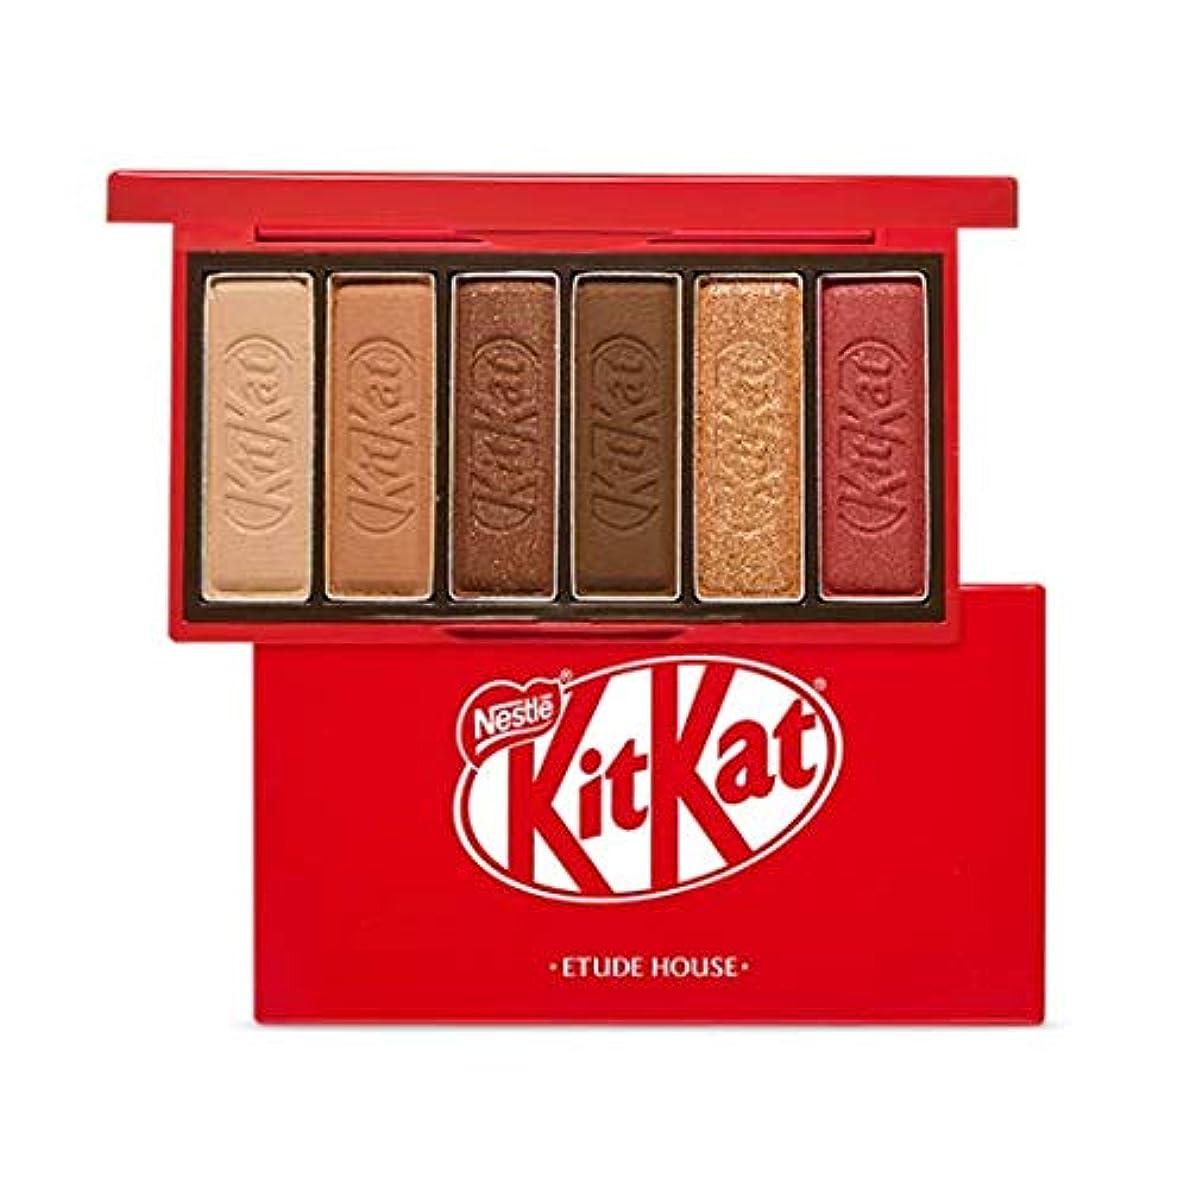 レベル不従順ビルマエチュードハウス キットカット プレイカラー アイズ ミニ 1*6g / ETUDE HOUSE KitKat Play Color Eyes Mini #1 KitKat Original [並行輸入品]